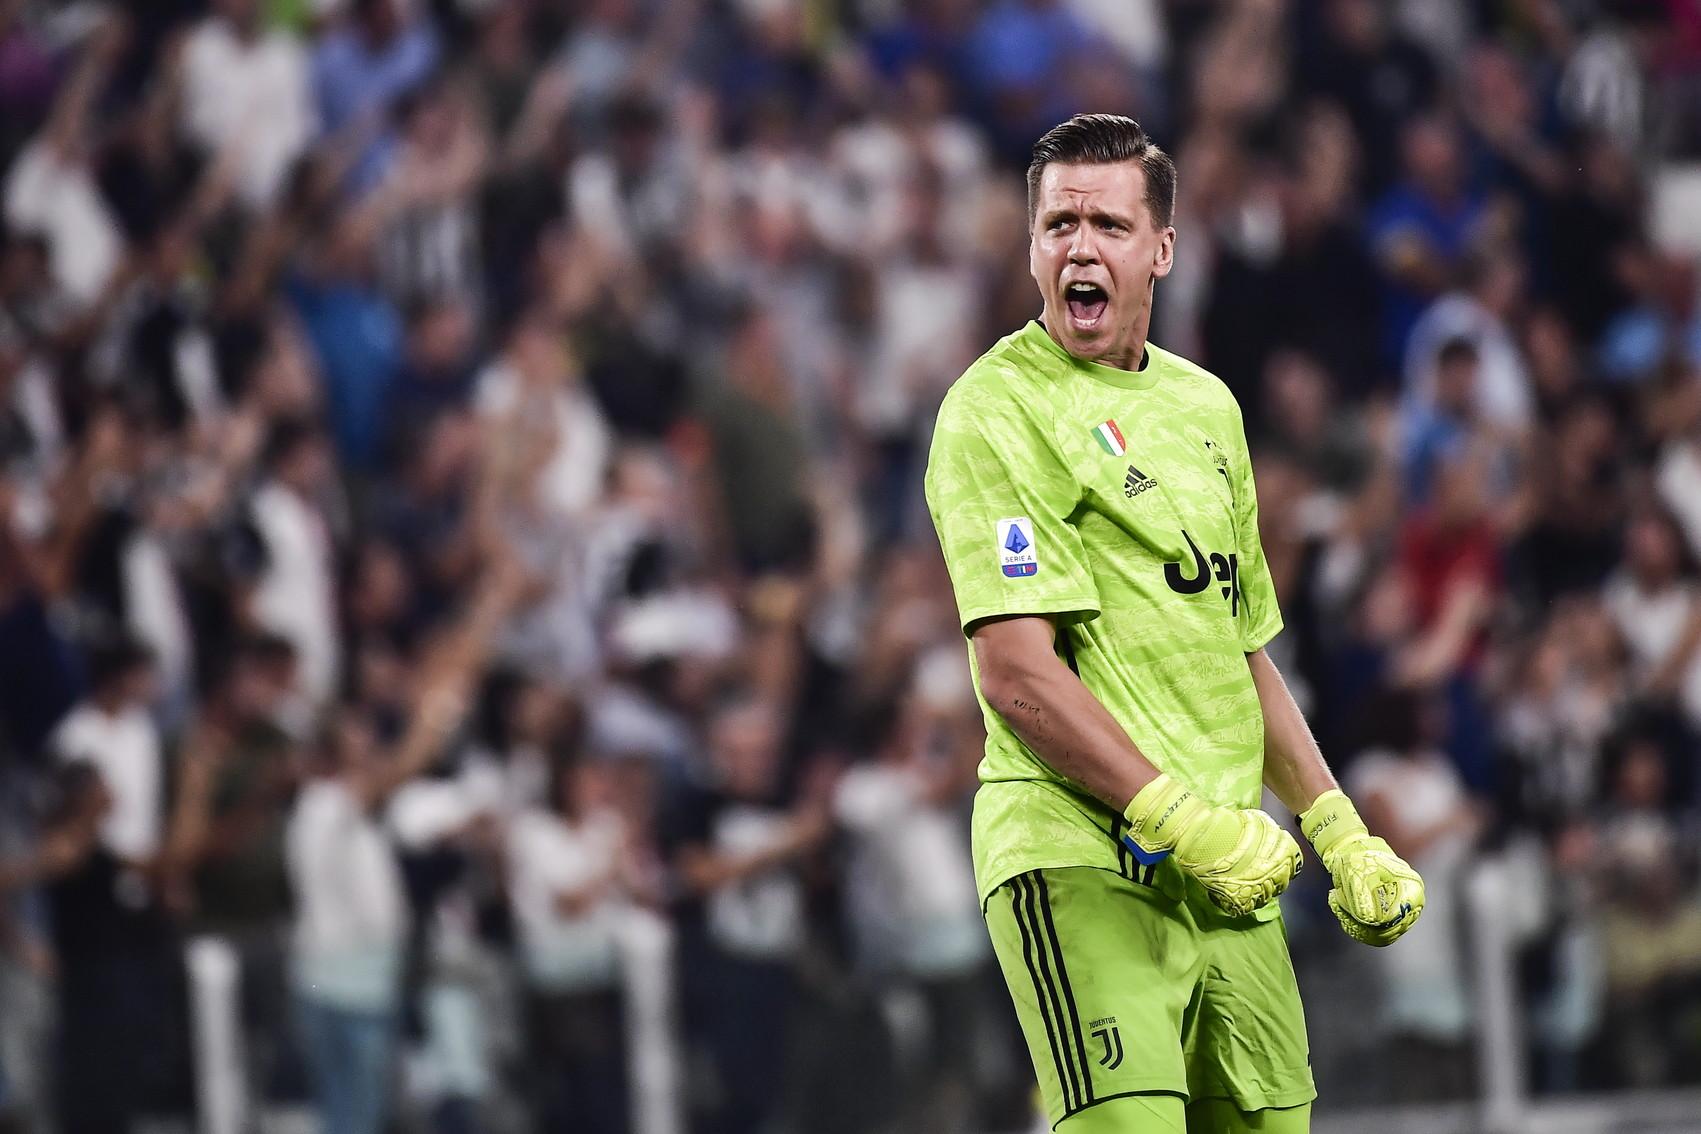 Portiere: Szczesny (Juventus)